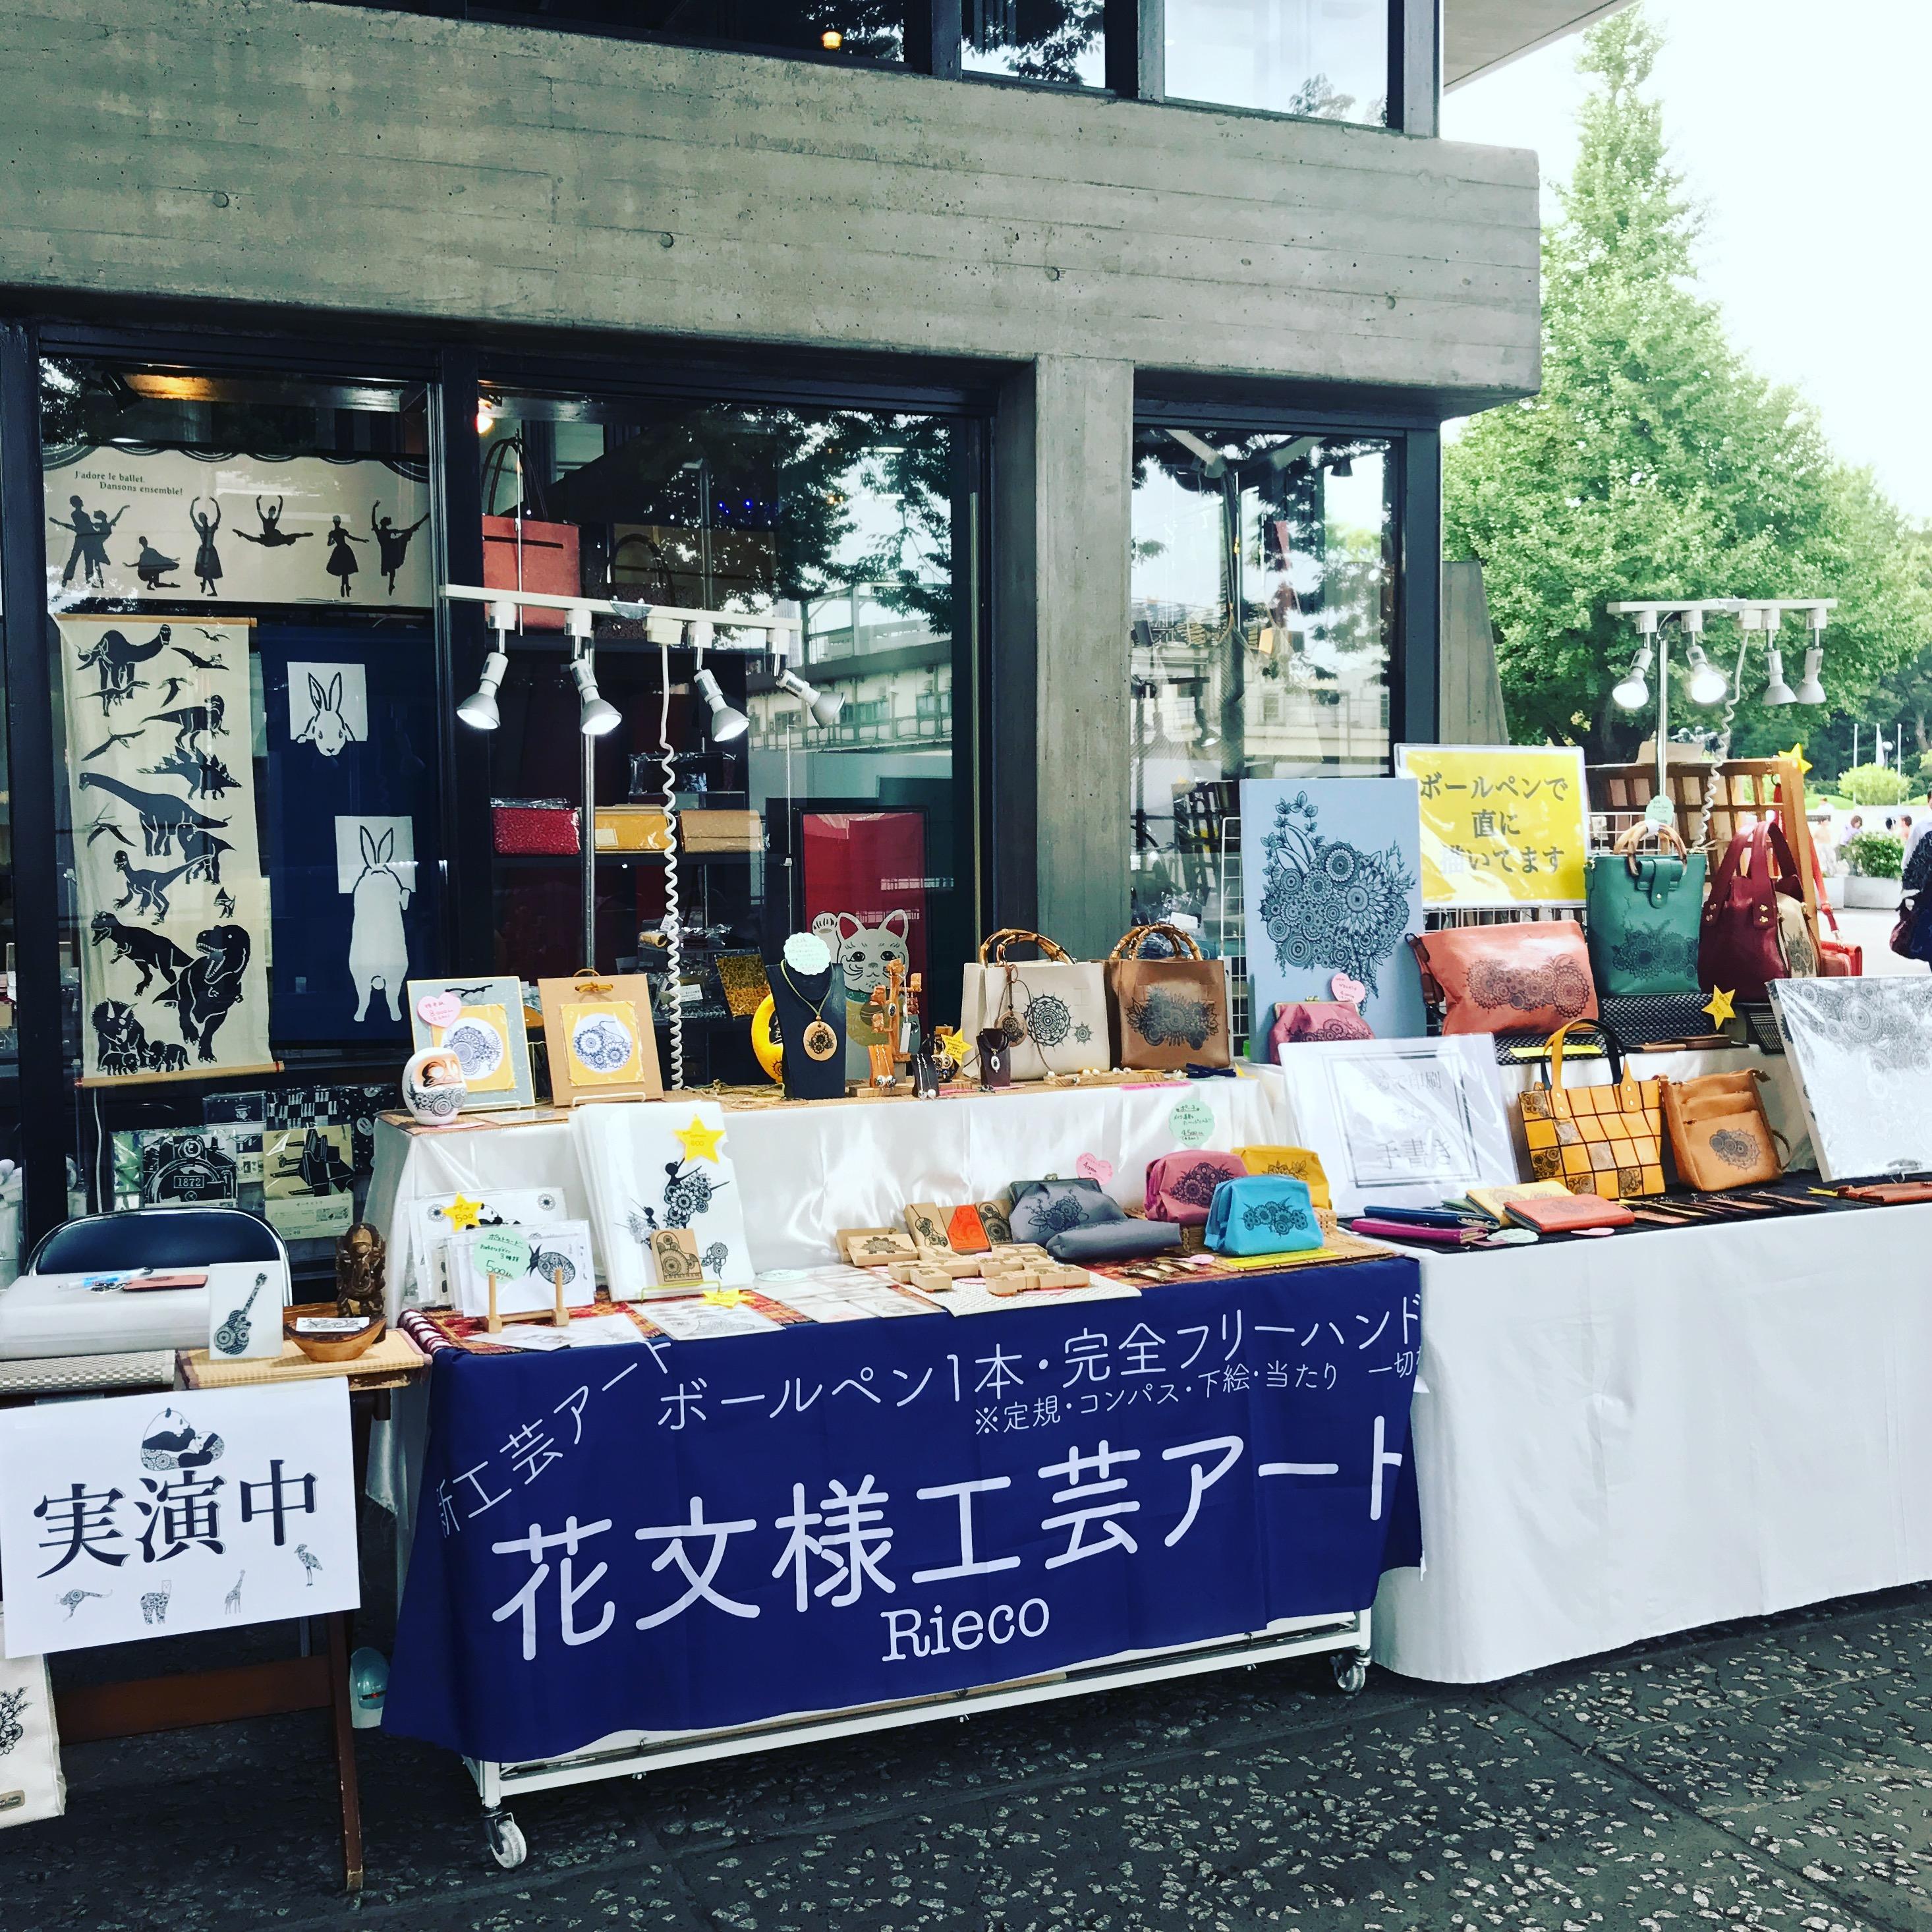 上野 東京文化会館 @ 東京文化会館